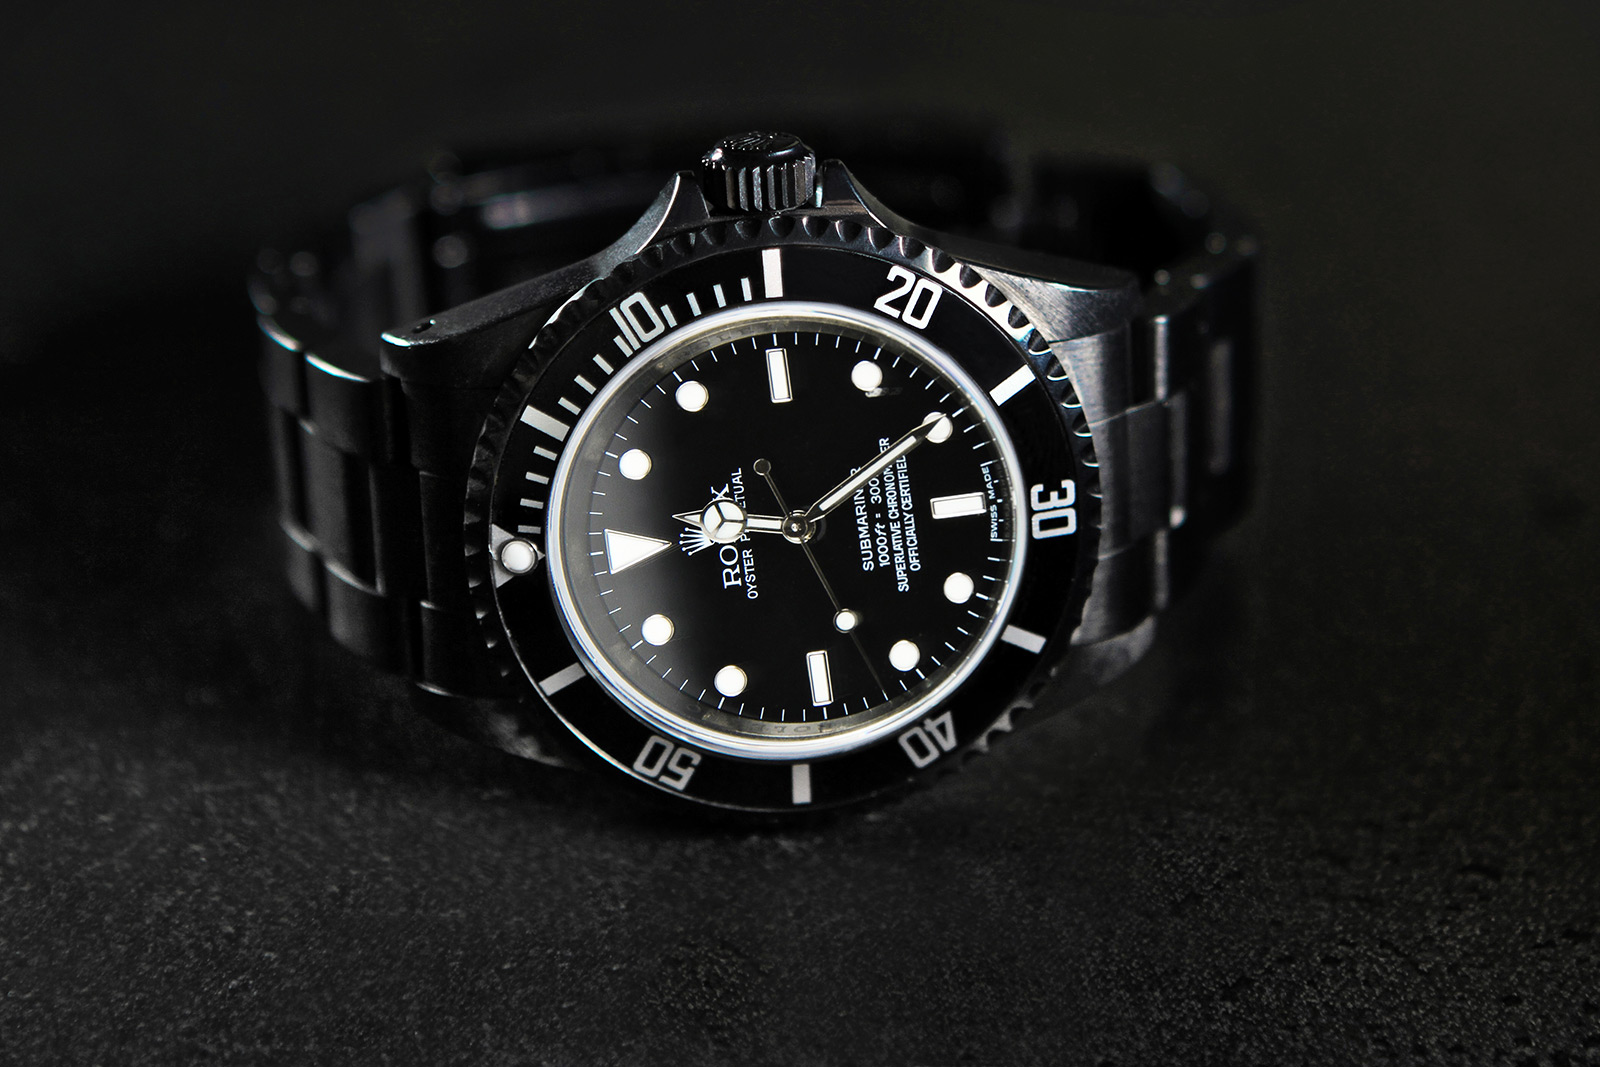 Submariner-galerie-3